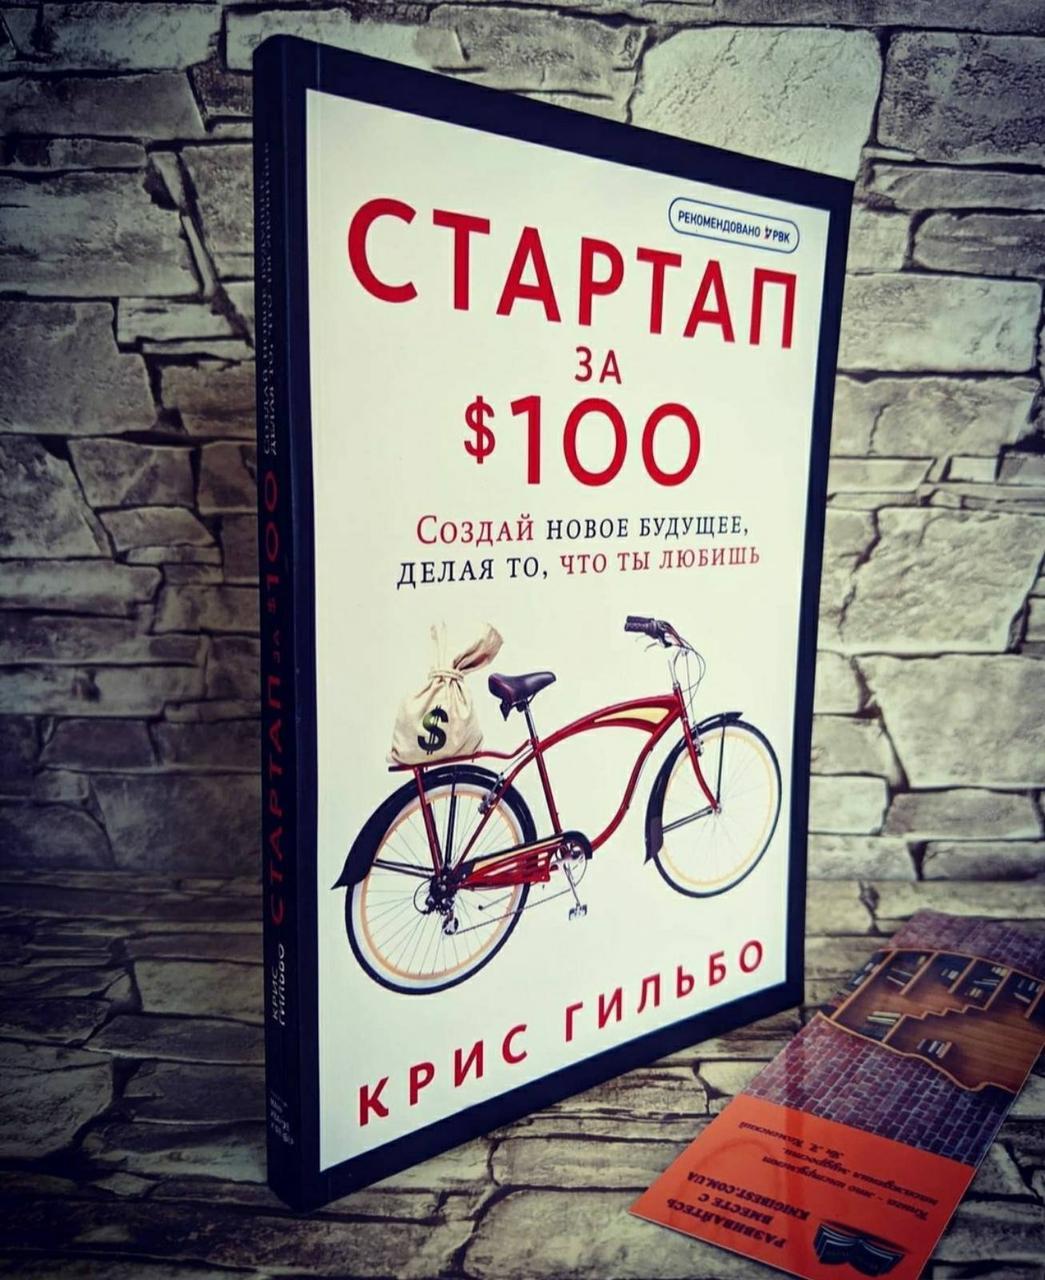 """Книга """"Стартап за $100. Создай новое будущее, делая то, что ты любишь"""" Крис Гильбо"""